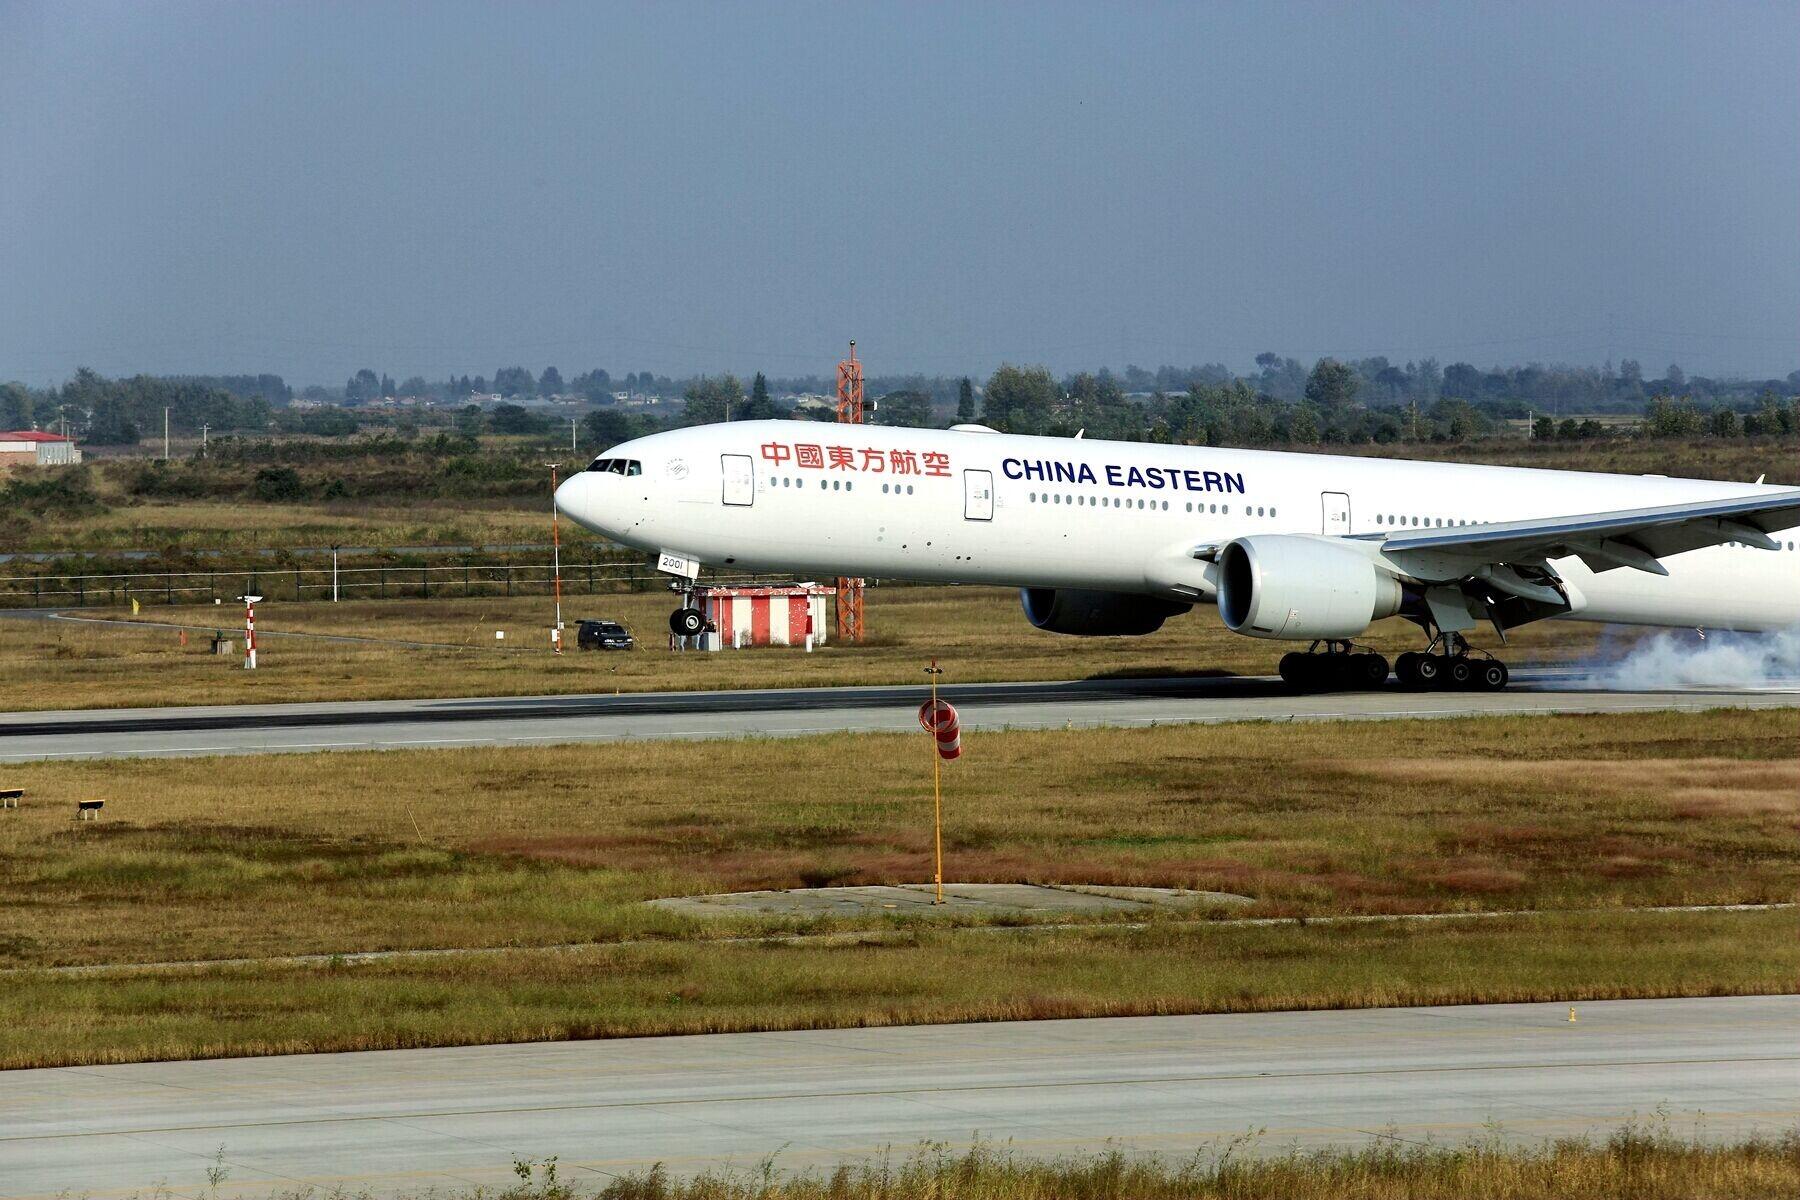 [原创]整理电脑时发现的空客在新桥校飞时照片    中国合肥新桥国际机场